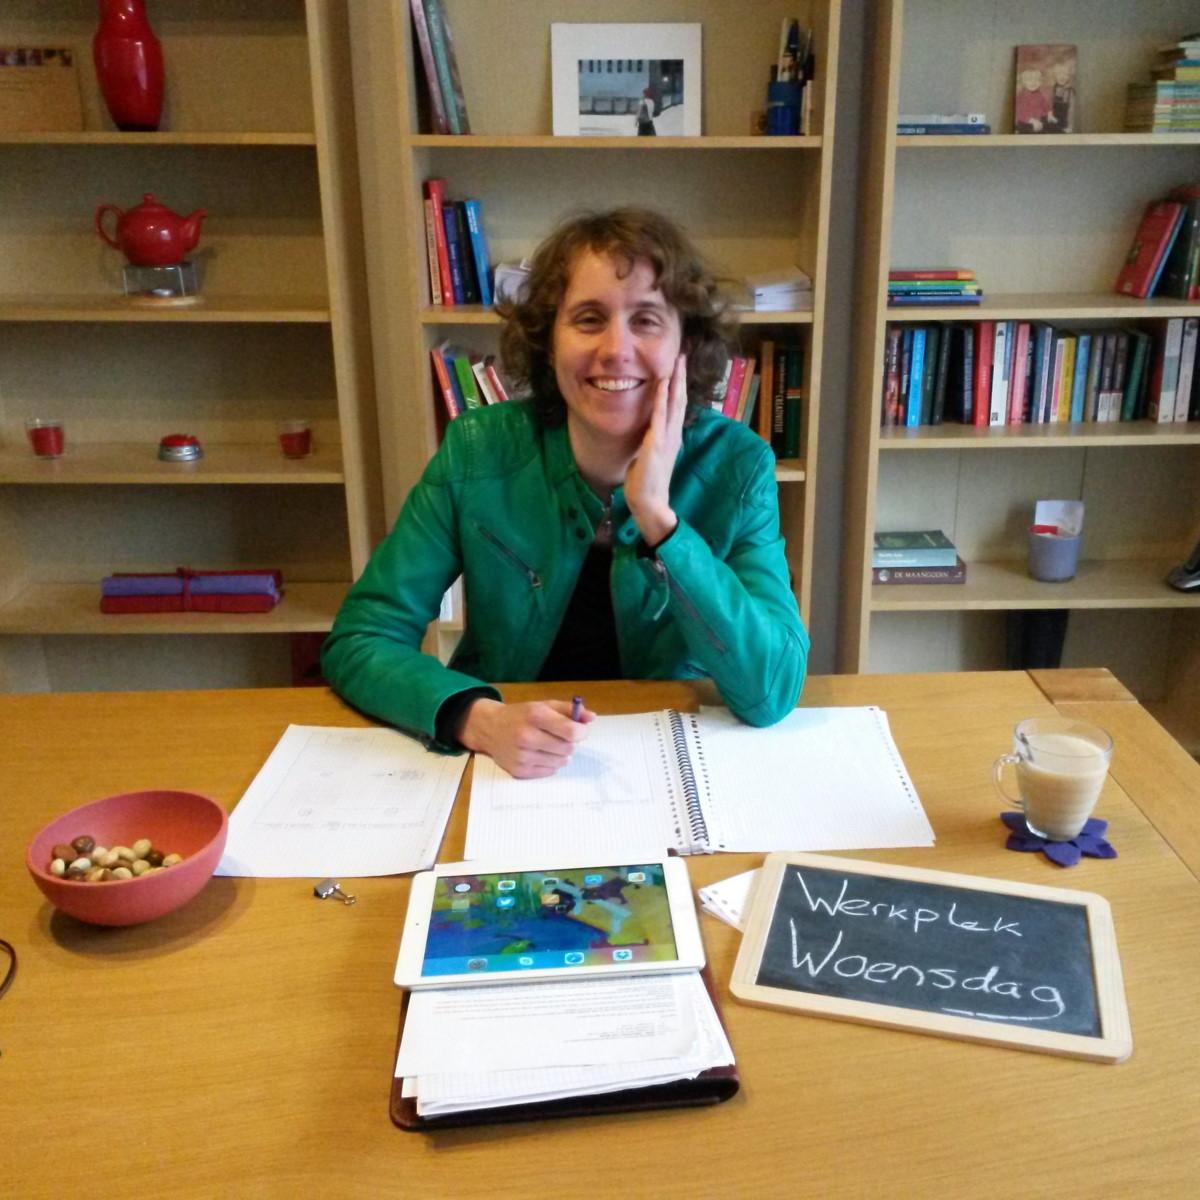 Linda van Erve van De Kennis-illustrator legt beeldbanken aan voor ondernemers met tekeningen van haar eigen hand. Daarnaast schrijft ze wijze reacties als je haar als collega-ondernemer iets vraagt. Foto: ZinVol.